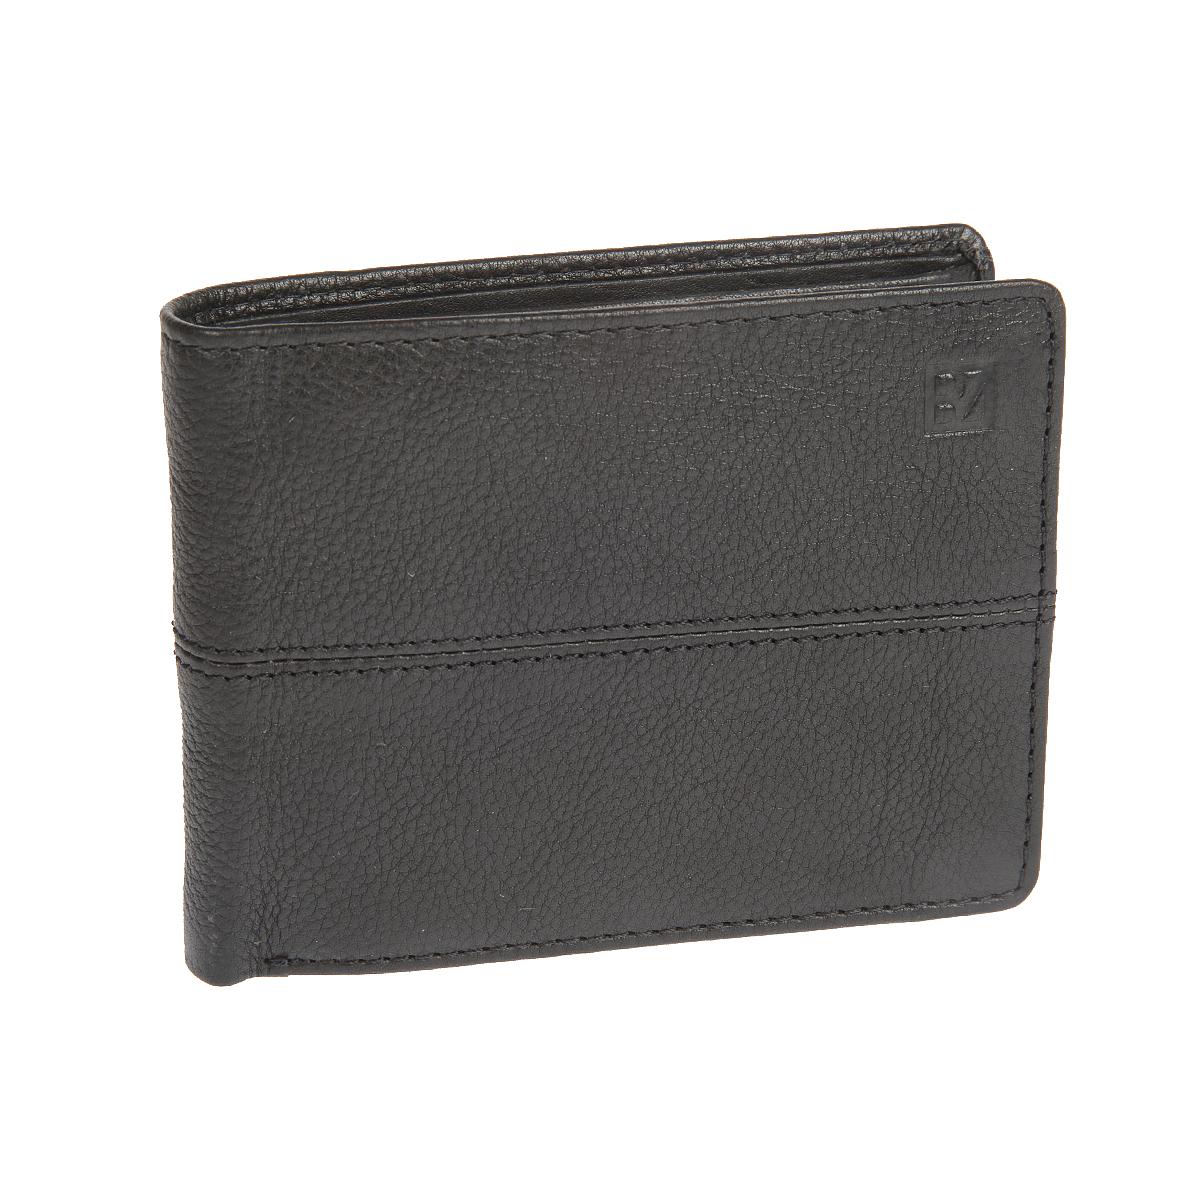 Портмоне мужское Bodenschatz, цвет: черный. 8-997 black8-997 blackРаскладывается пополам, внутри два отдела для купюр, потайной карман на молнии, карман для мелочи на кнопке, два сетчатых кармана, девять кармашков для пластиковых карт, три кармана для документов.